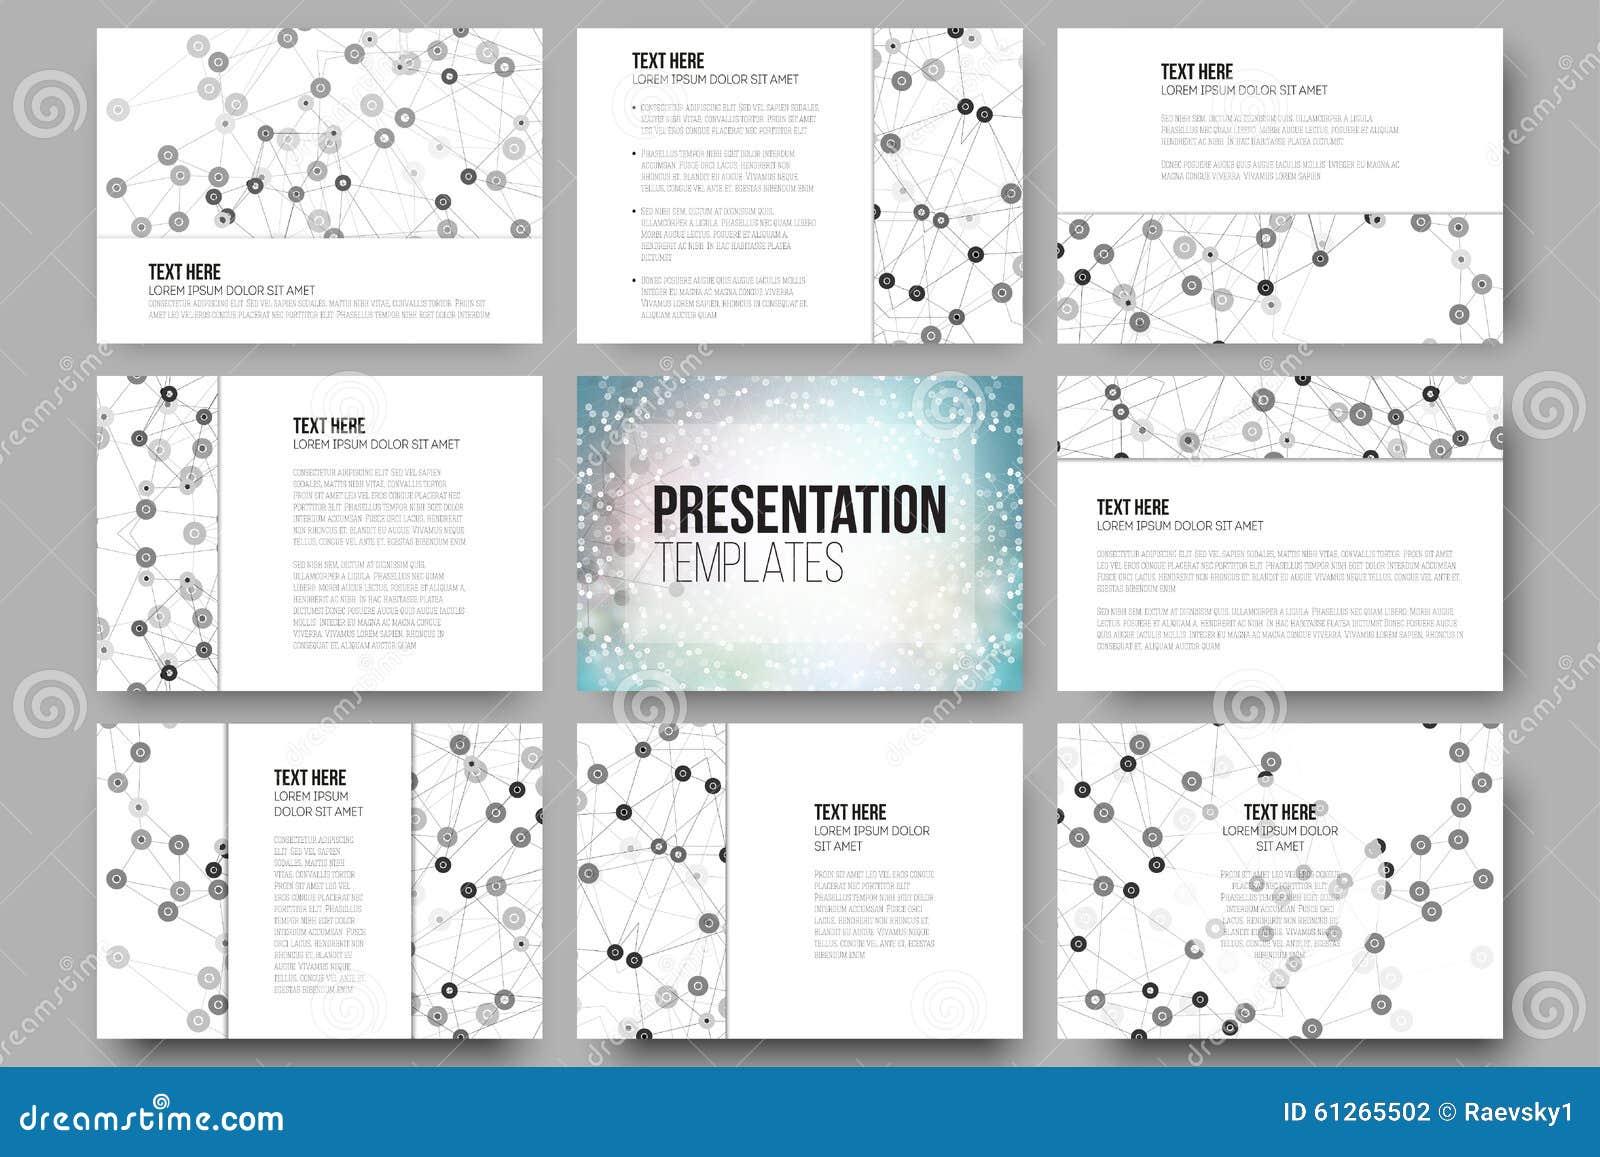 Set of 9 templates for presentation slides